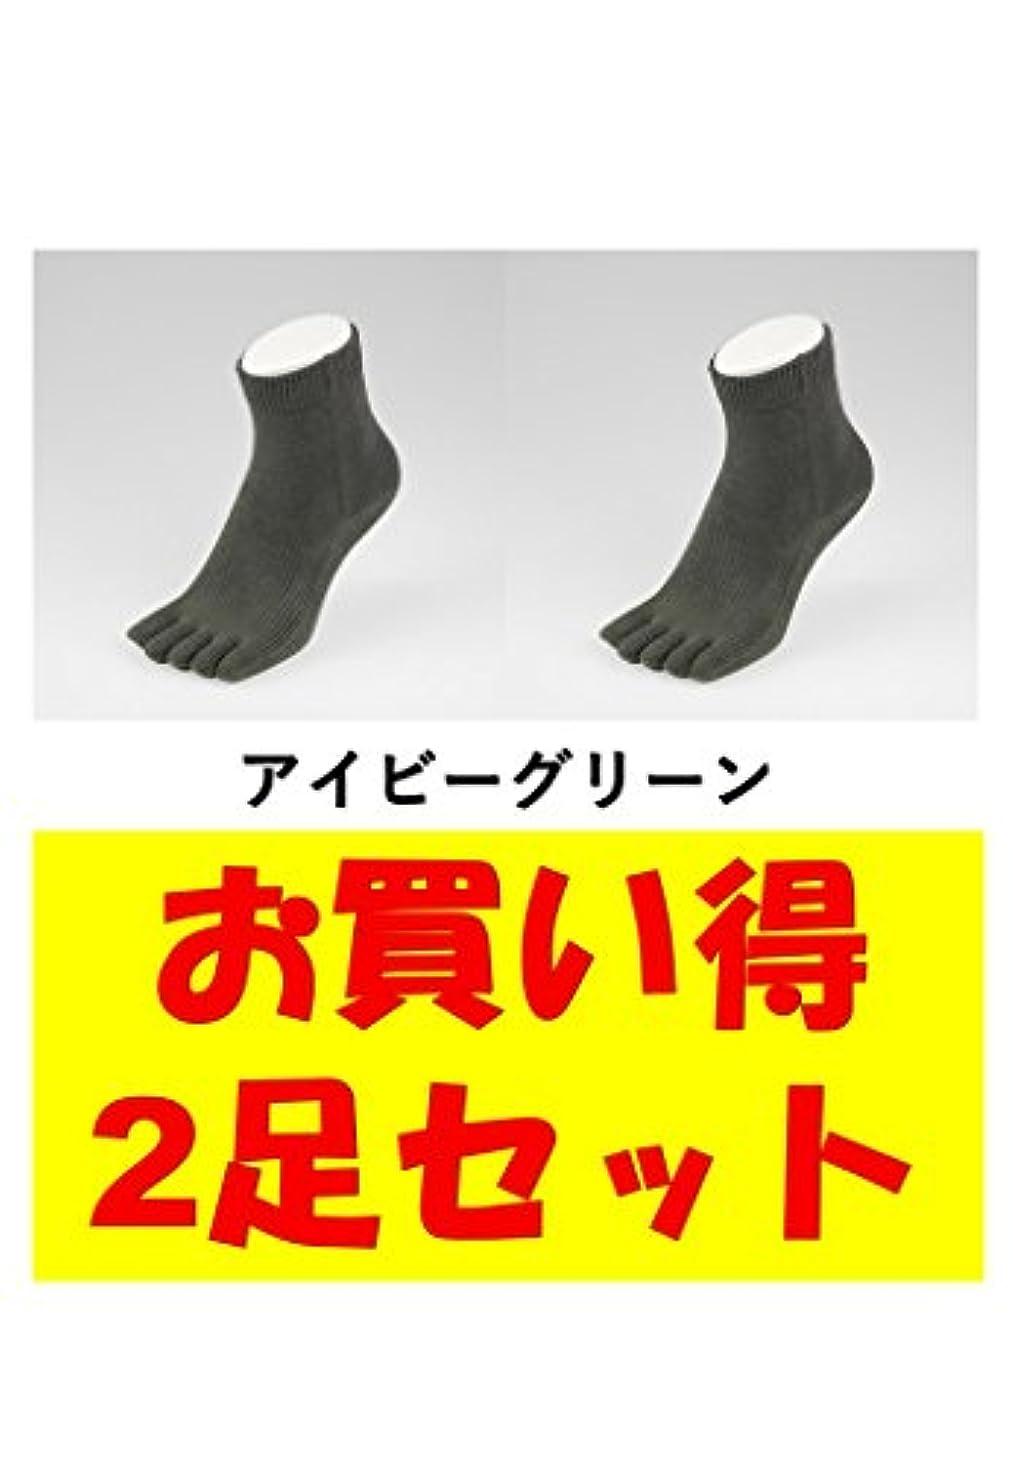 商標加速する正しくお買い得2足セット 5本指 ゆびのばソックス Neo EVE(イヴ) アイビーグリーン Sサイズ(21.0cm - 24.0cm) YSNEVE-IGR